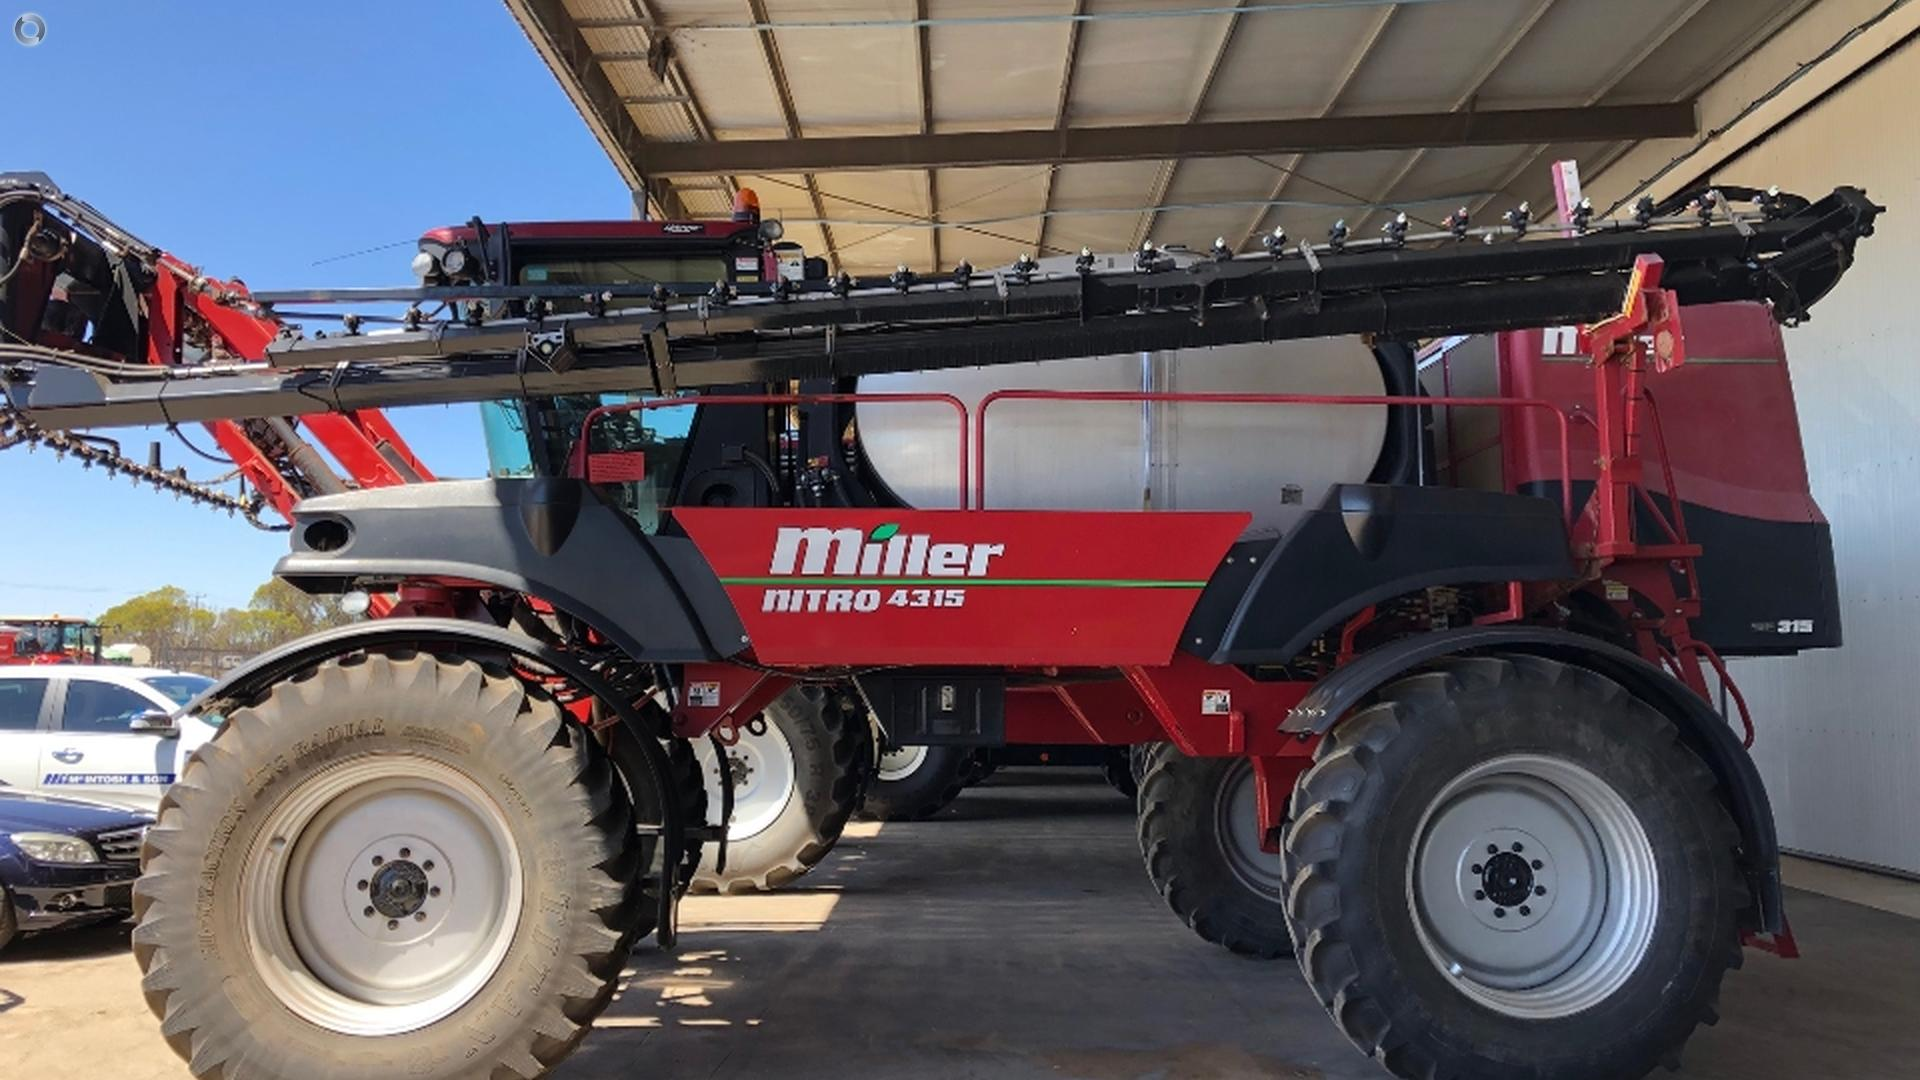 2009 MILLER Nitro 4315 SP Sprayer